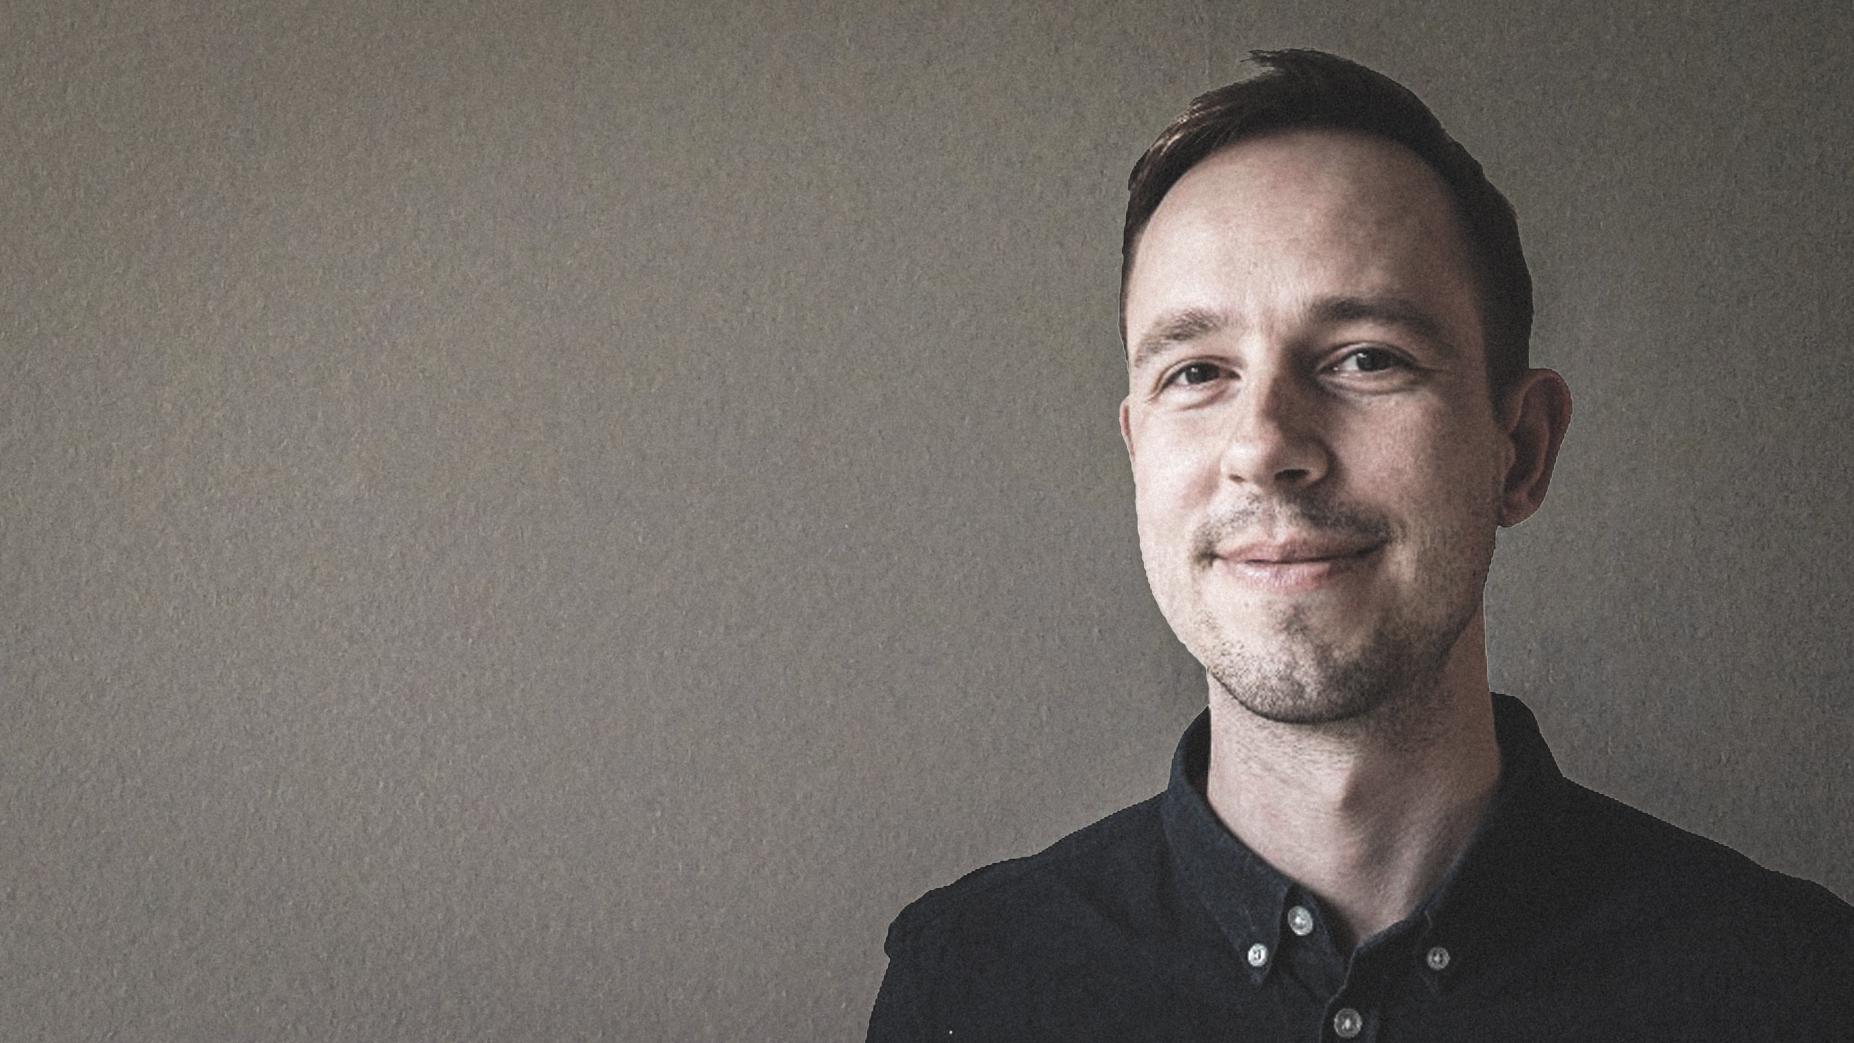 Profil billede af Bjørn Alstrup Odgaard